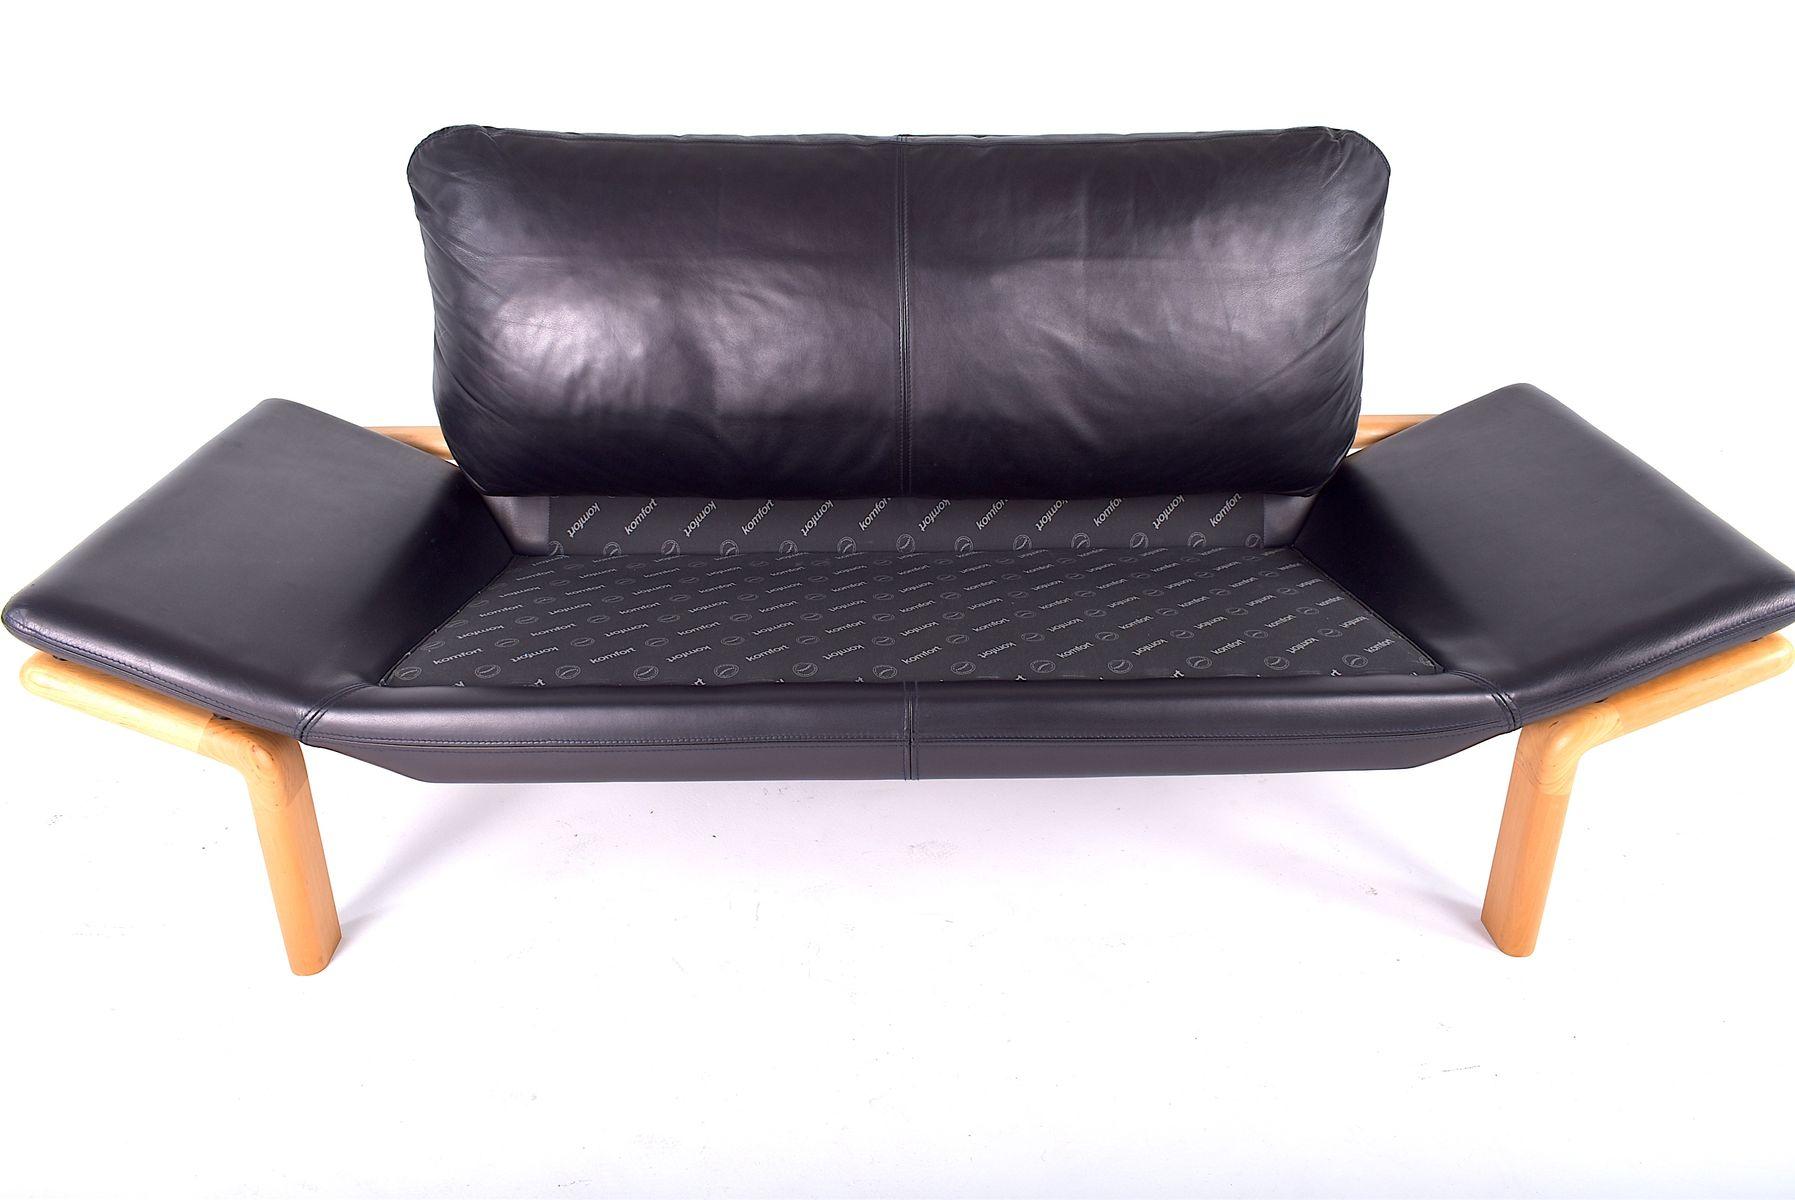 d nisches vintage 2 sitzer sofa von komfort bei pamono kaufen. Black Bedroom Furniture Sets. Home Design Ideas